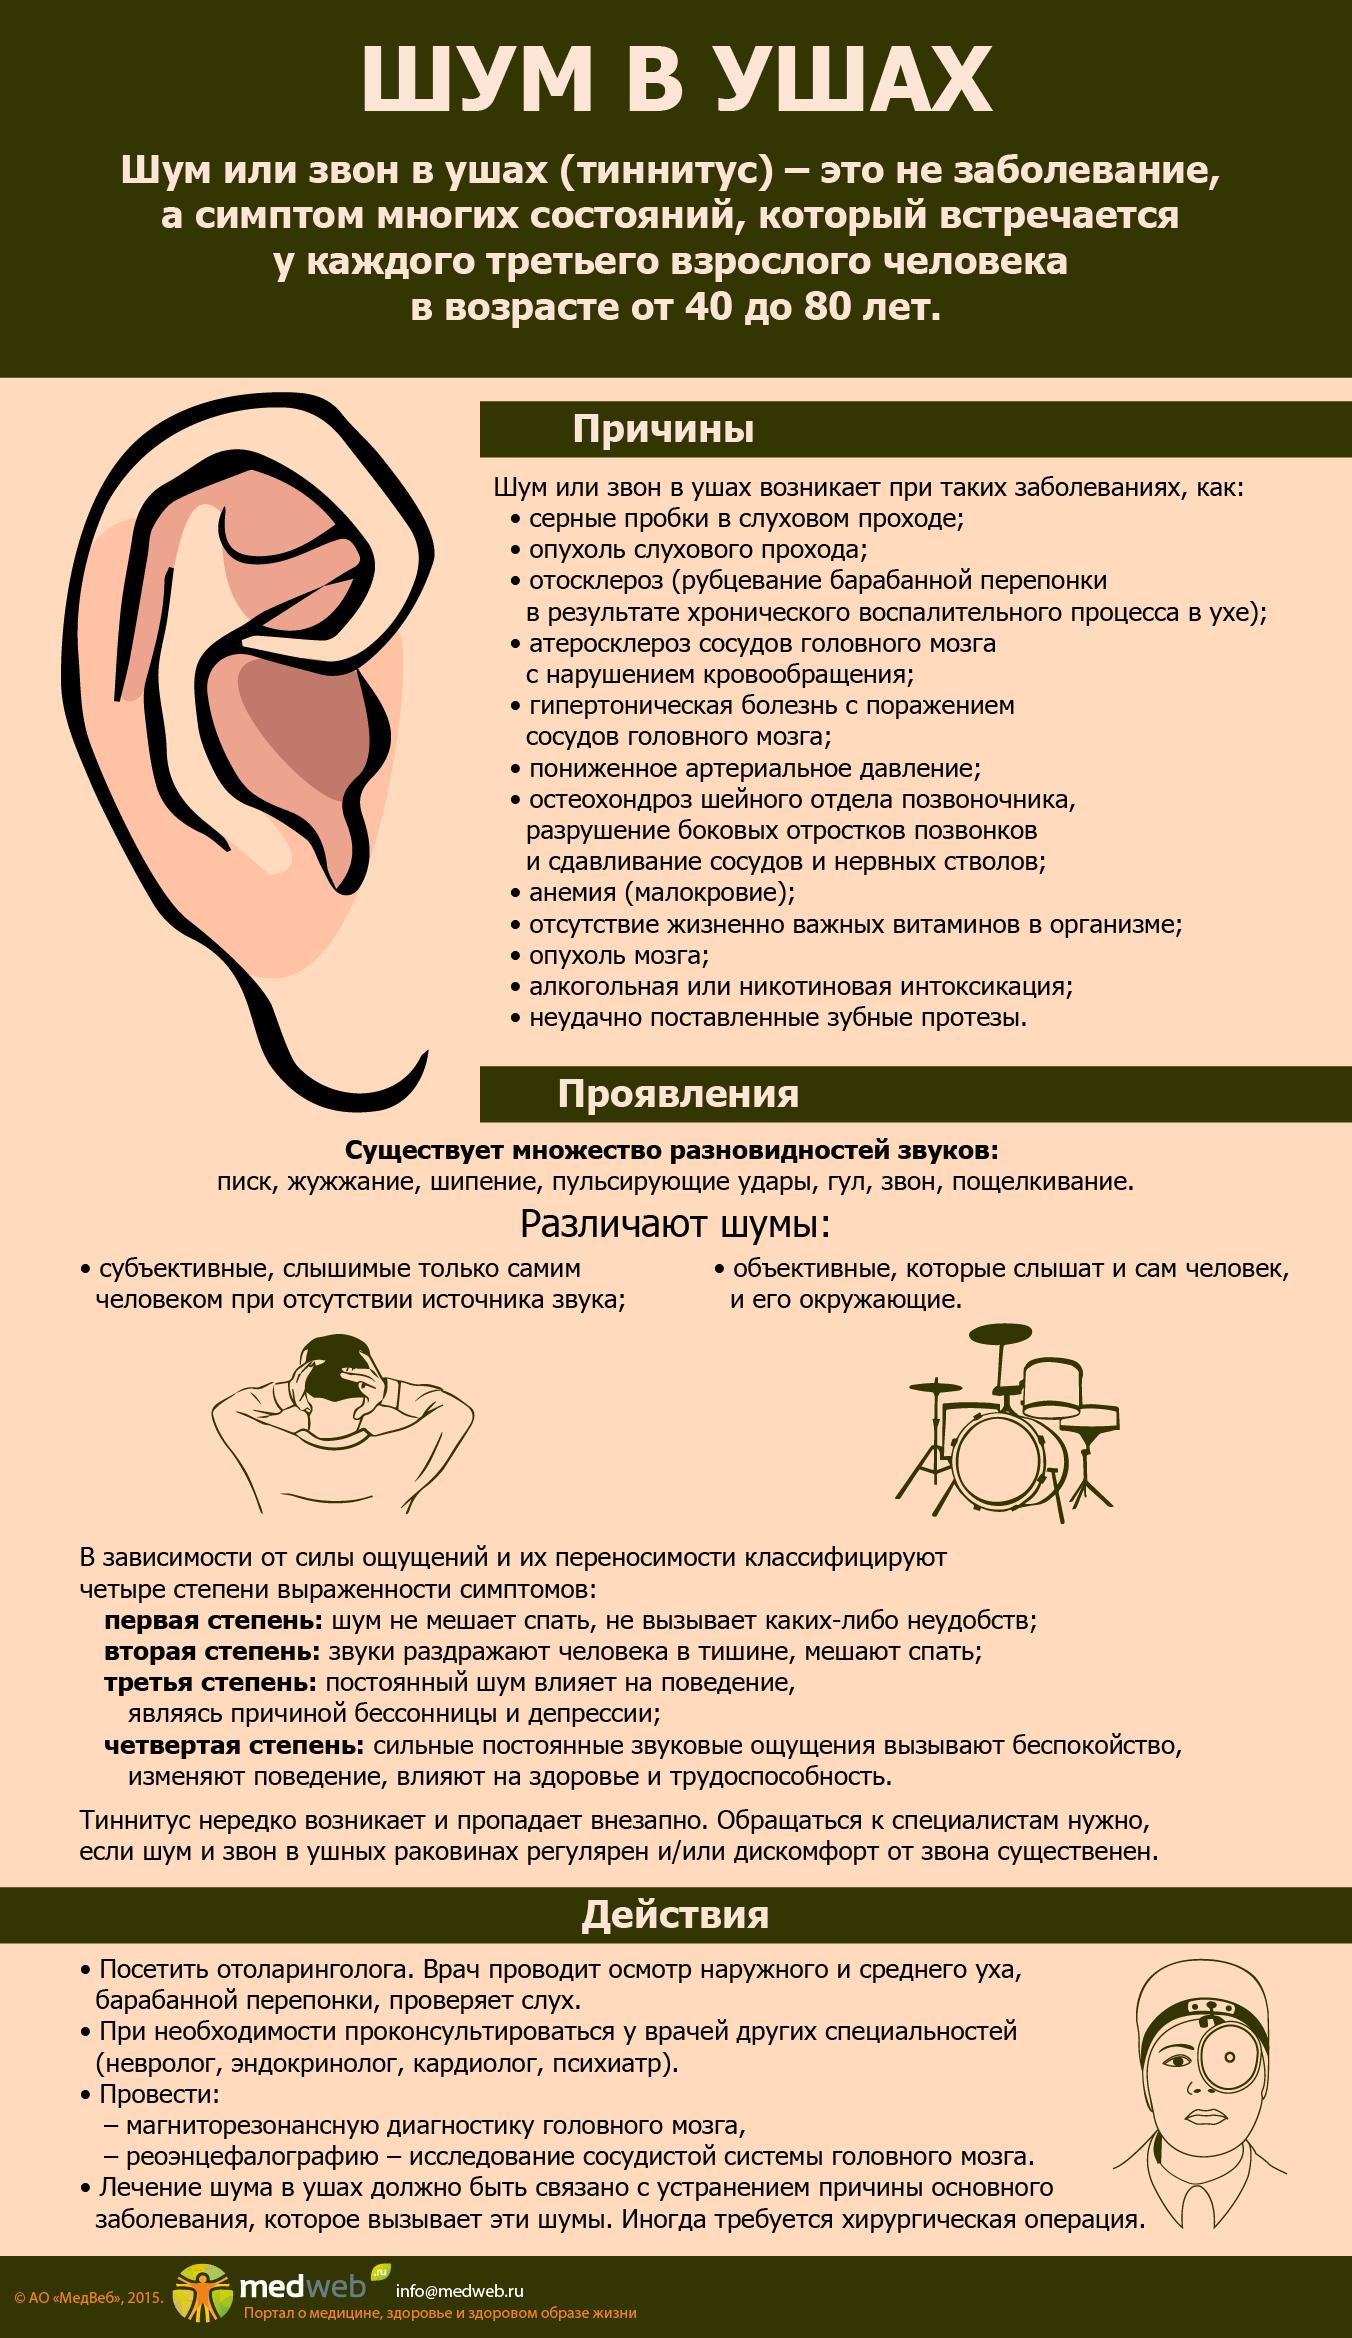 Болезни в какой ушах звенит при билирубин биохимический показатели прямой крови анализ